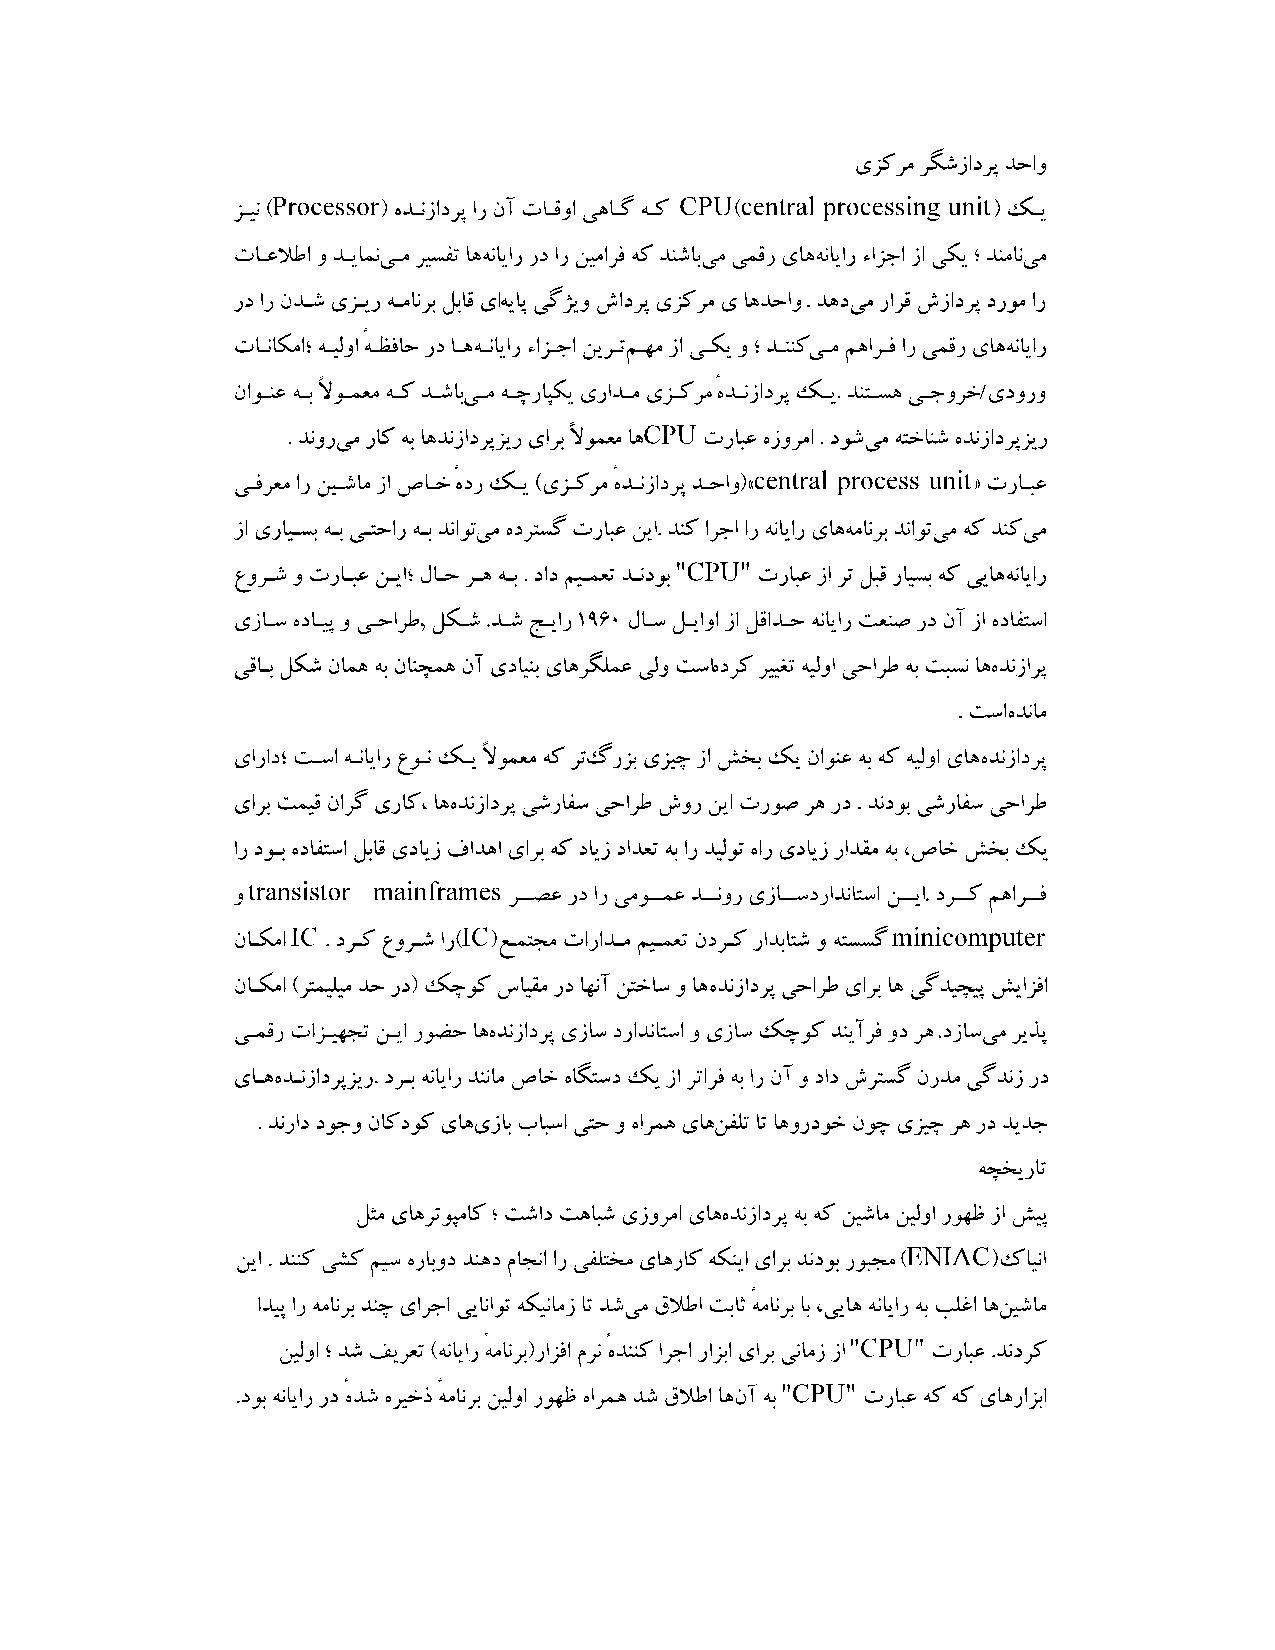 ترجمه مقاله و تحقیق - سی پی یو cpu